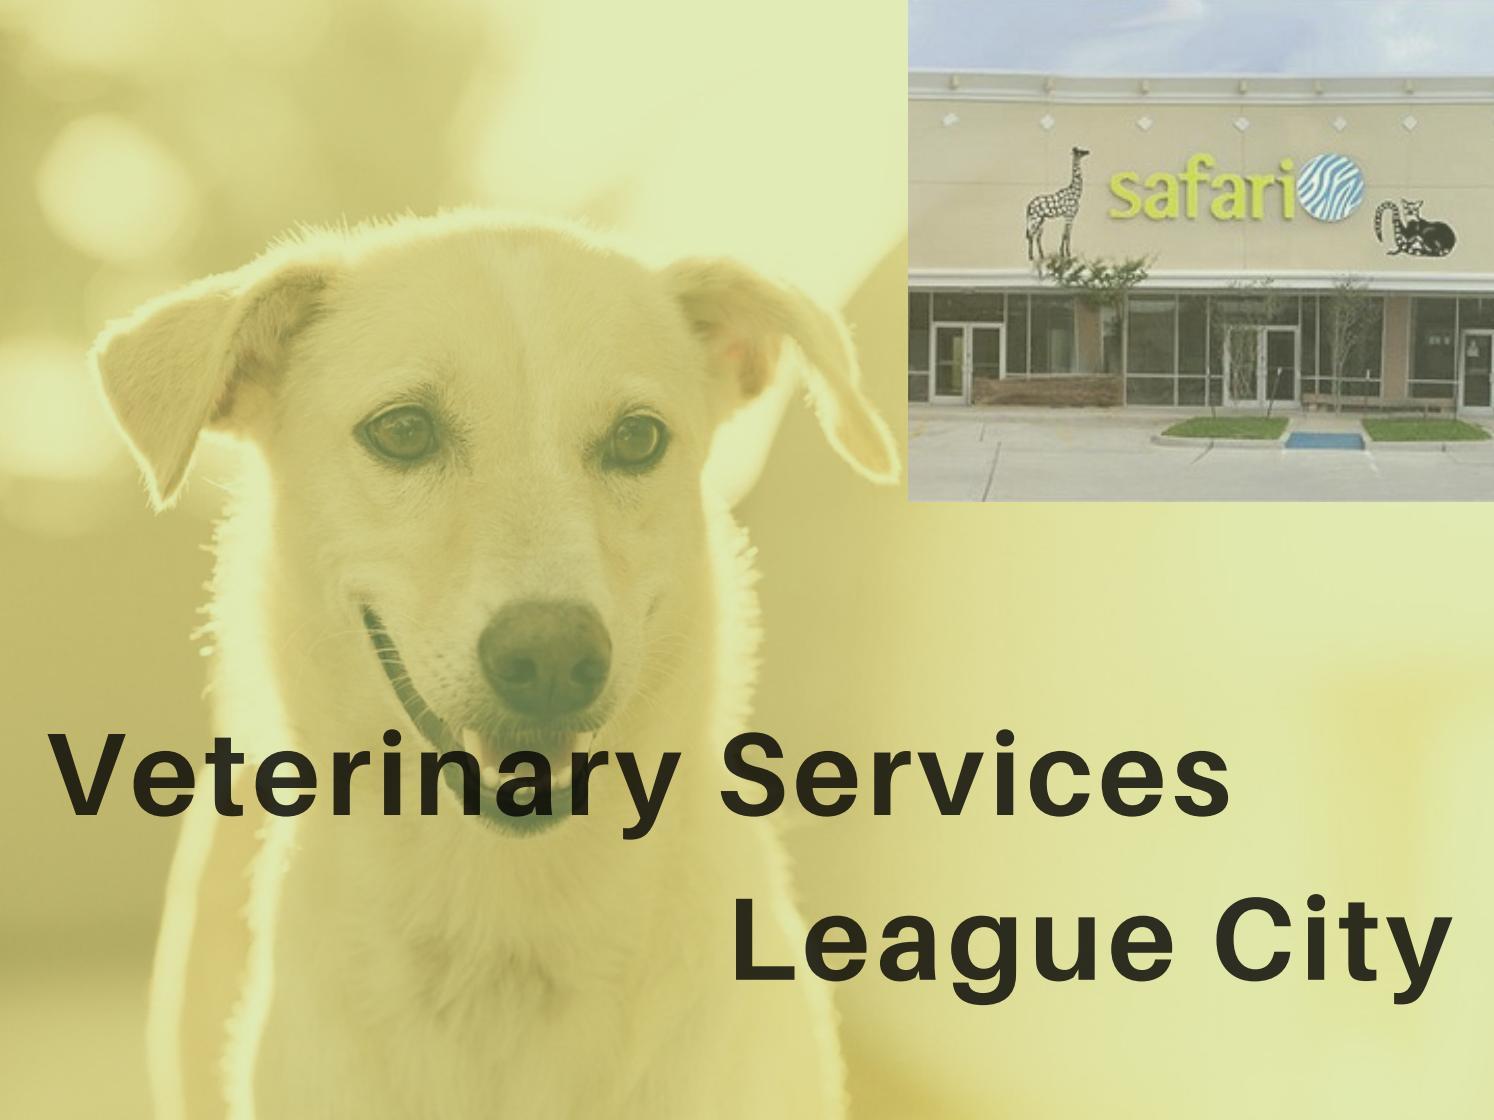 Veterinarians in League City | Safari Veterinary Care Centers, TX - Magazine cover